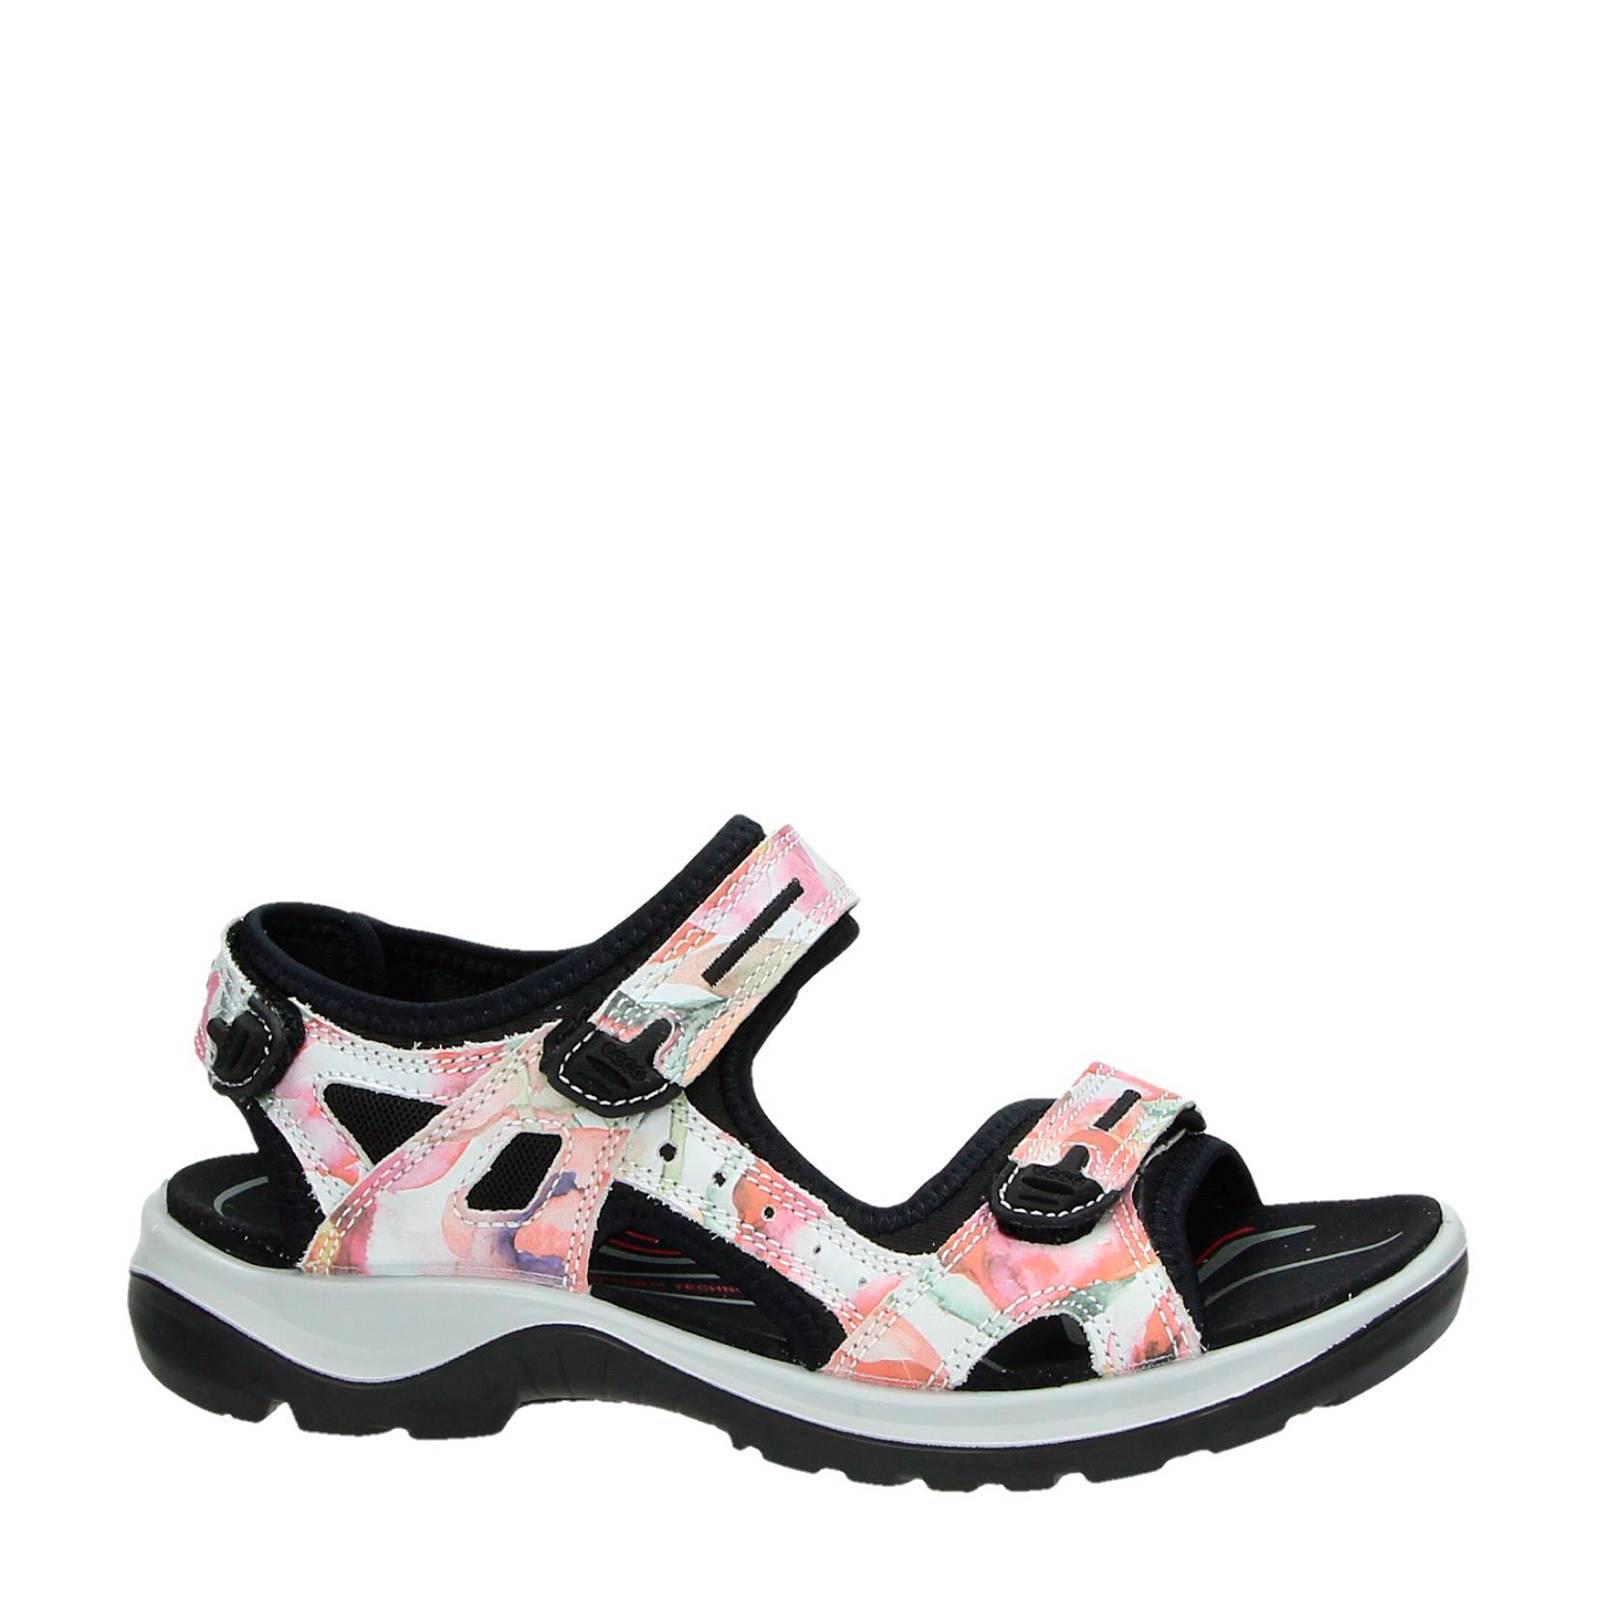 Ecco Offroad leren sandalen met bloemen | wehkamp